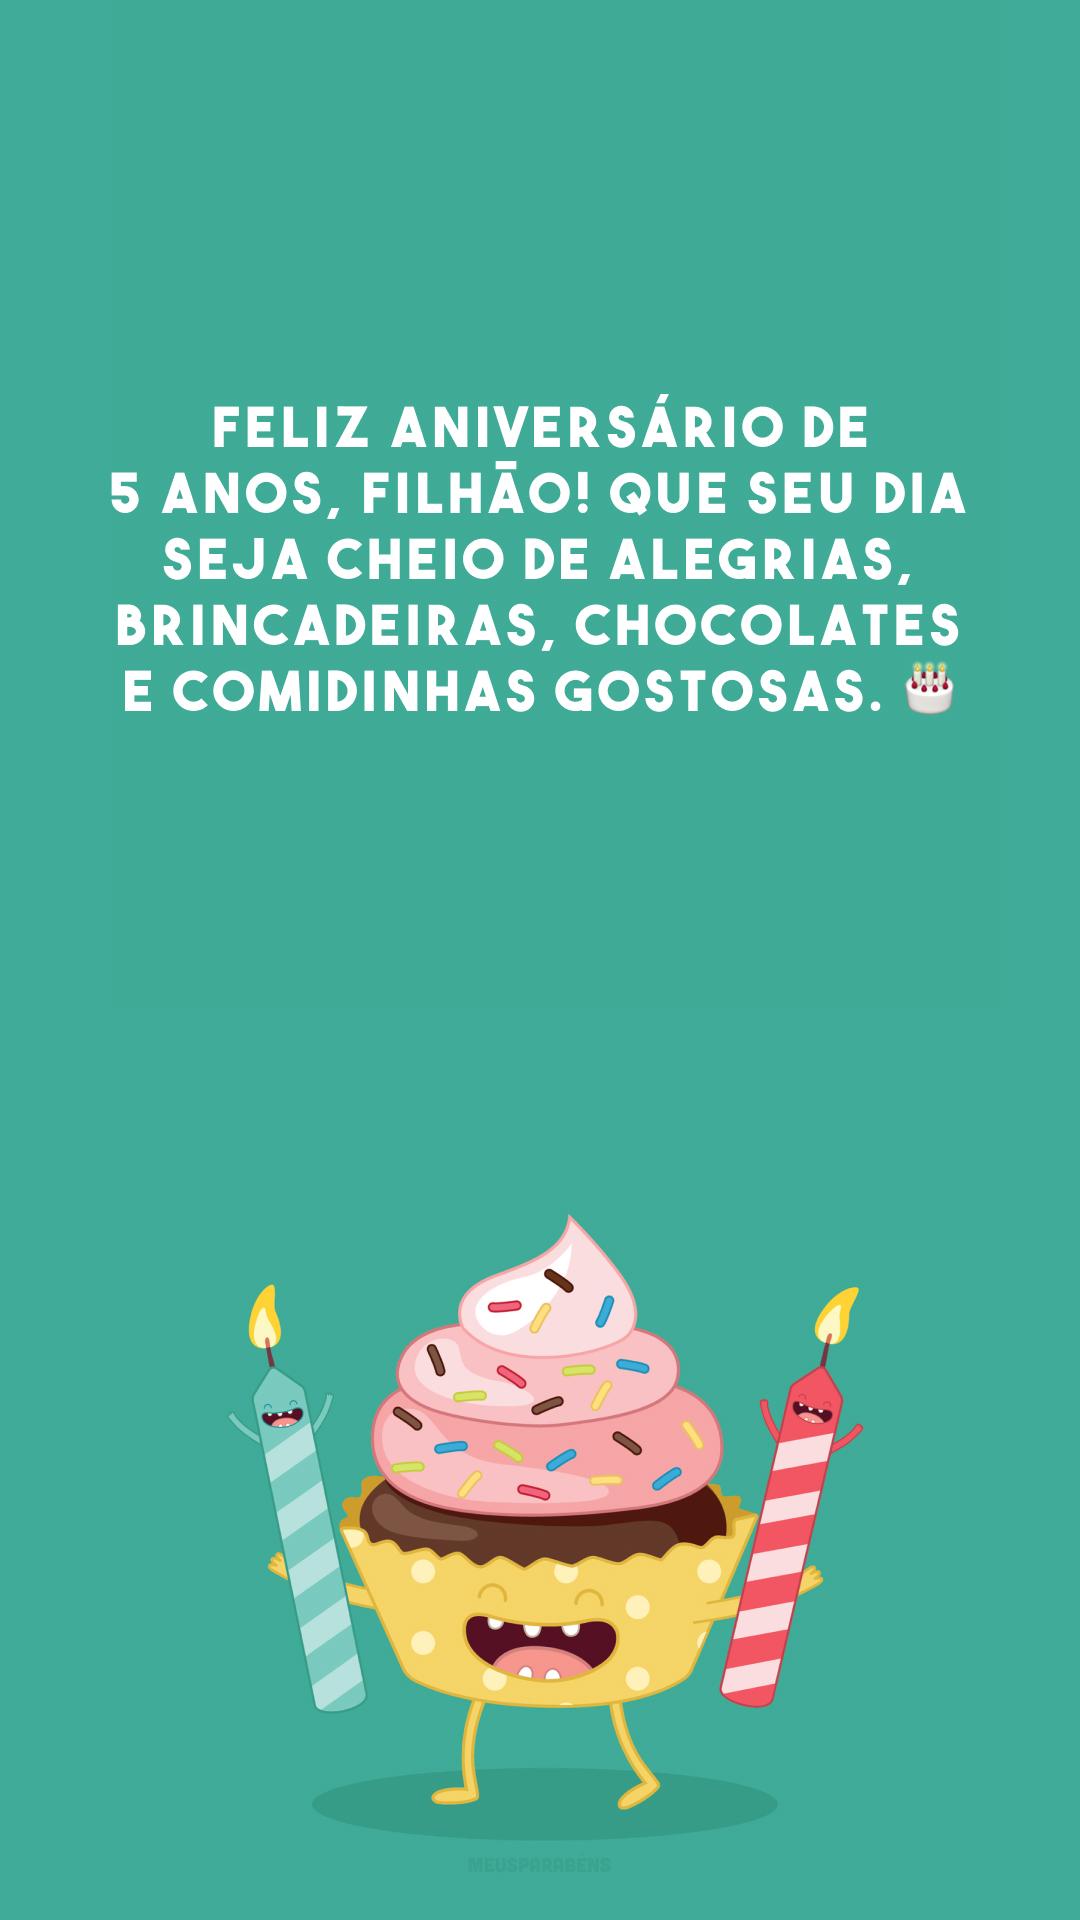 Feliz aniversário de 5 anos, filhão! Que seu dia seja cheio de alegrias, brincadeiras, chocolates e comidinhas gostosas.